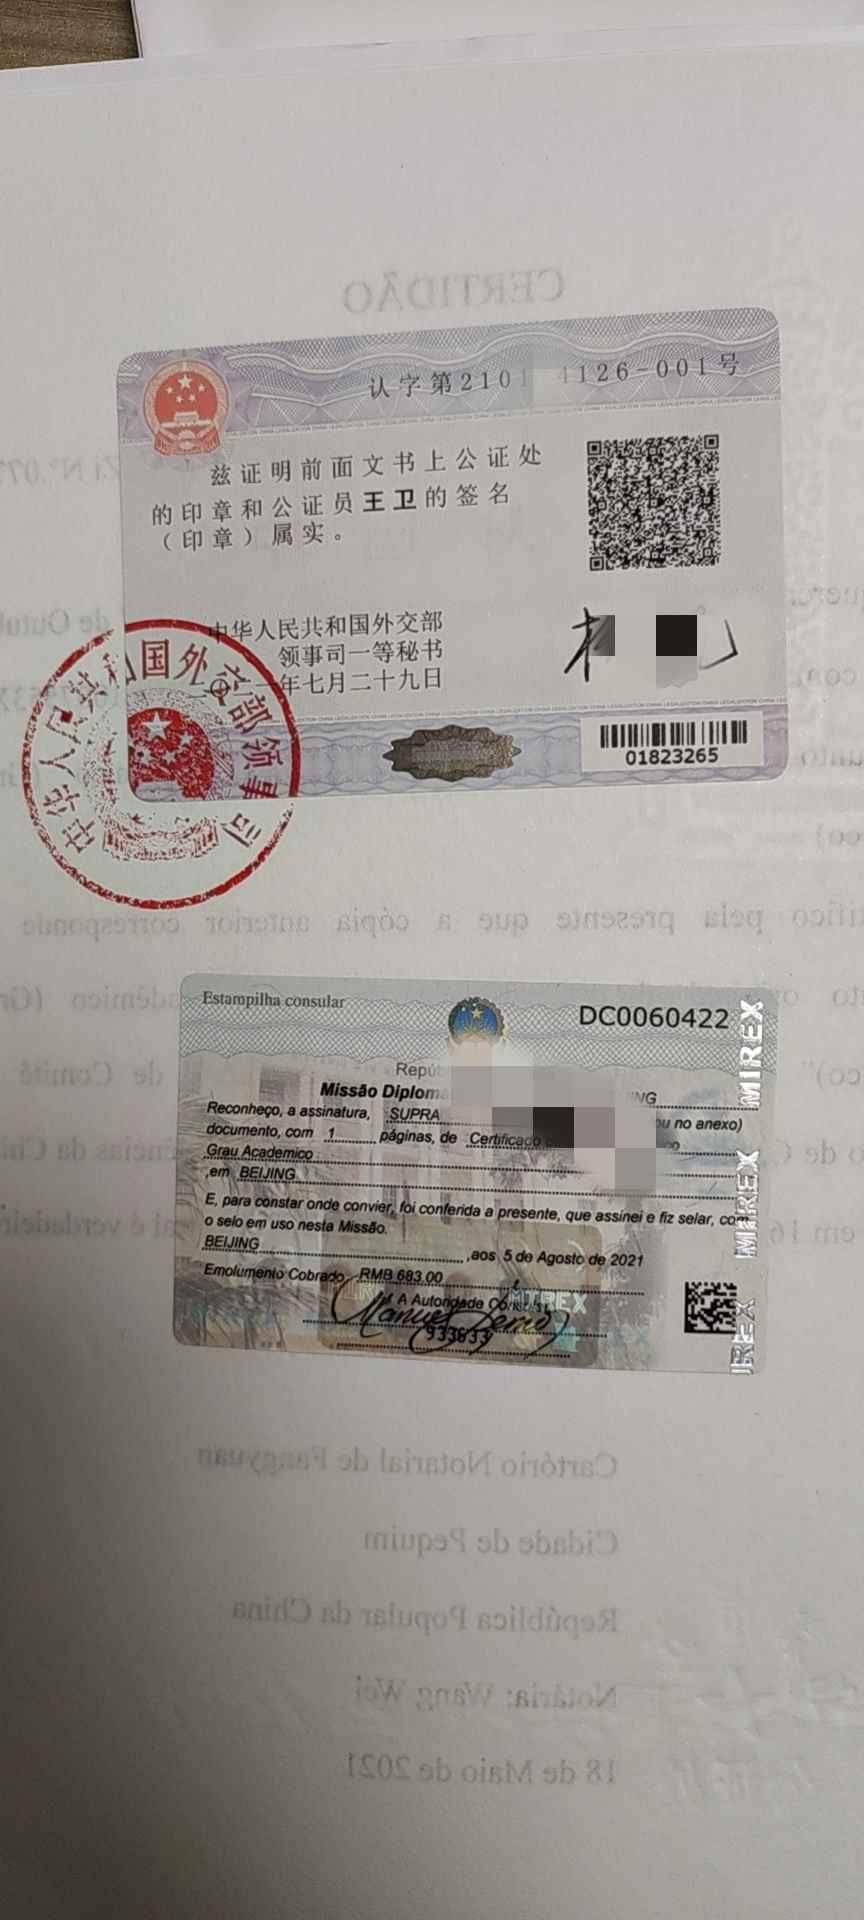 中国单身证明公证双认证干货分享,不走弯路